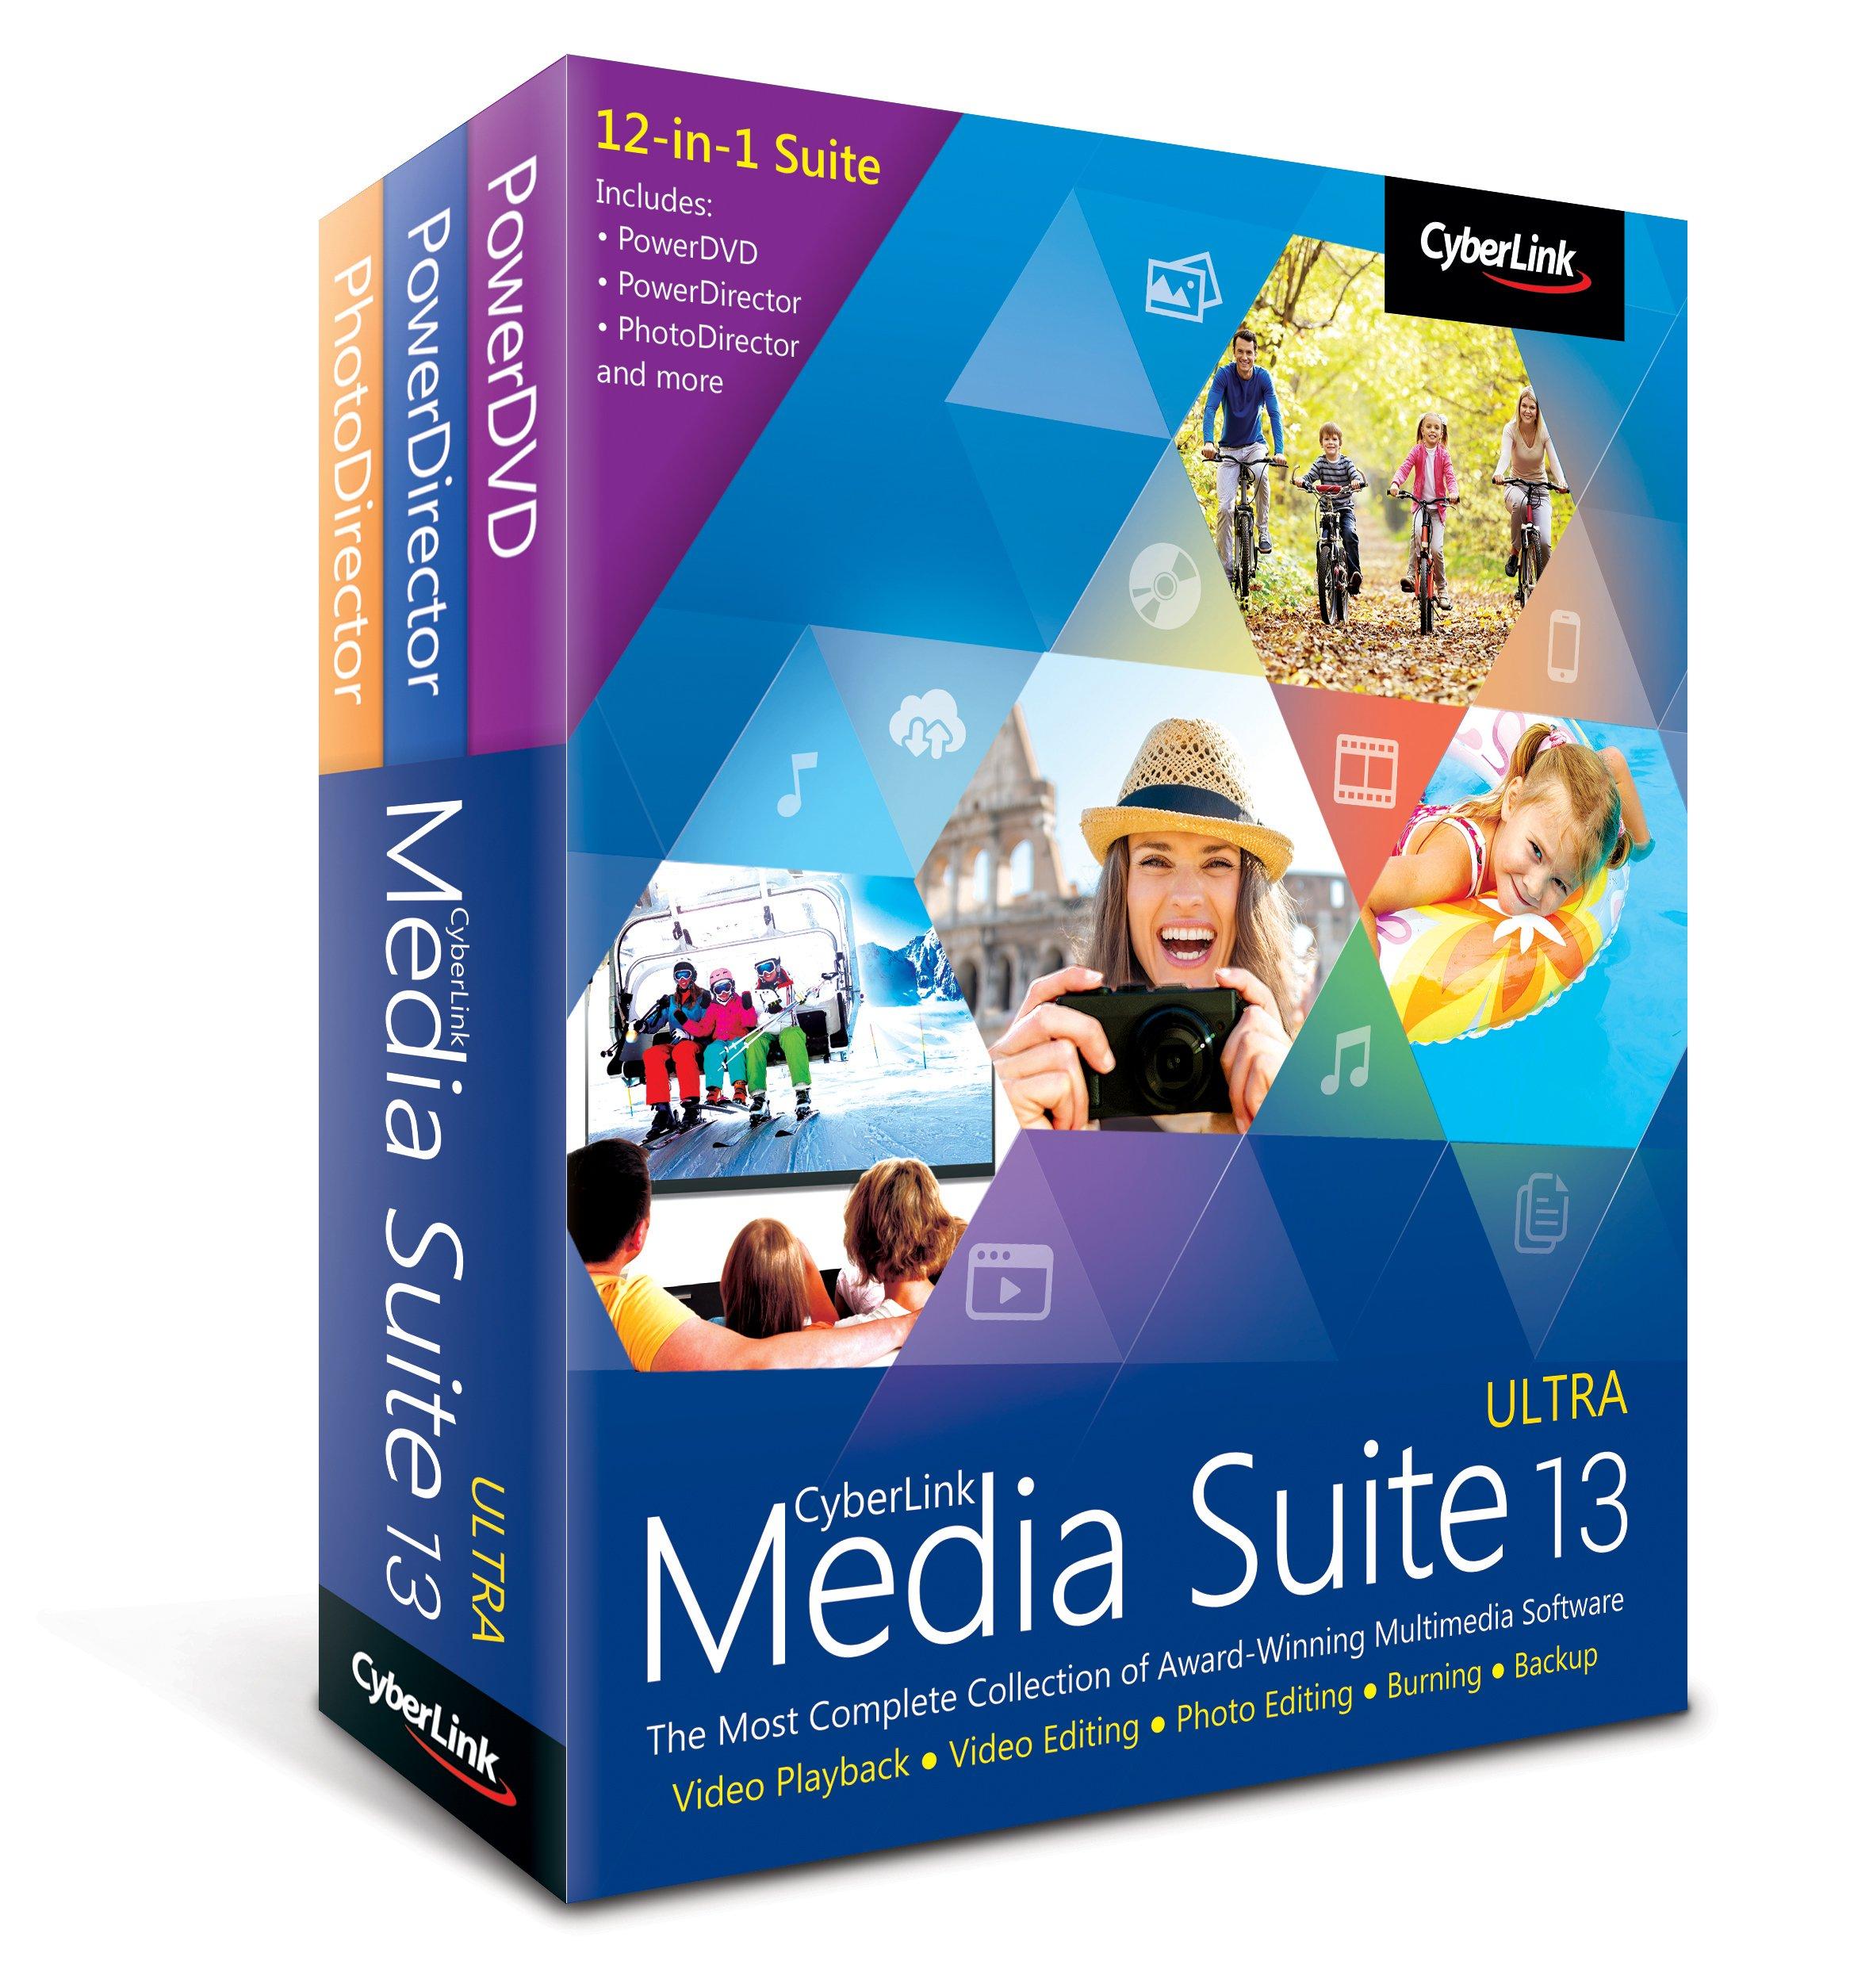 Cyberlink Media Suite 13 Ultra - Multimedia Software 22